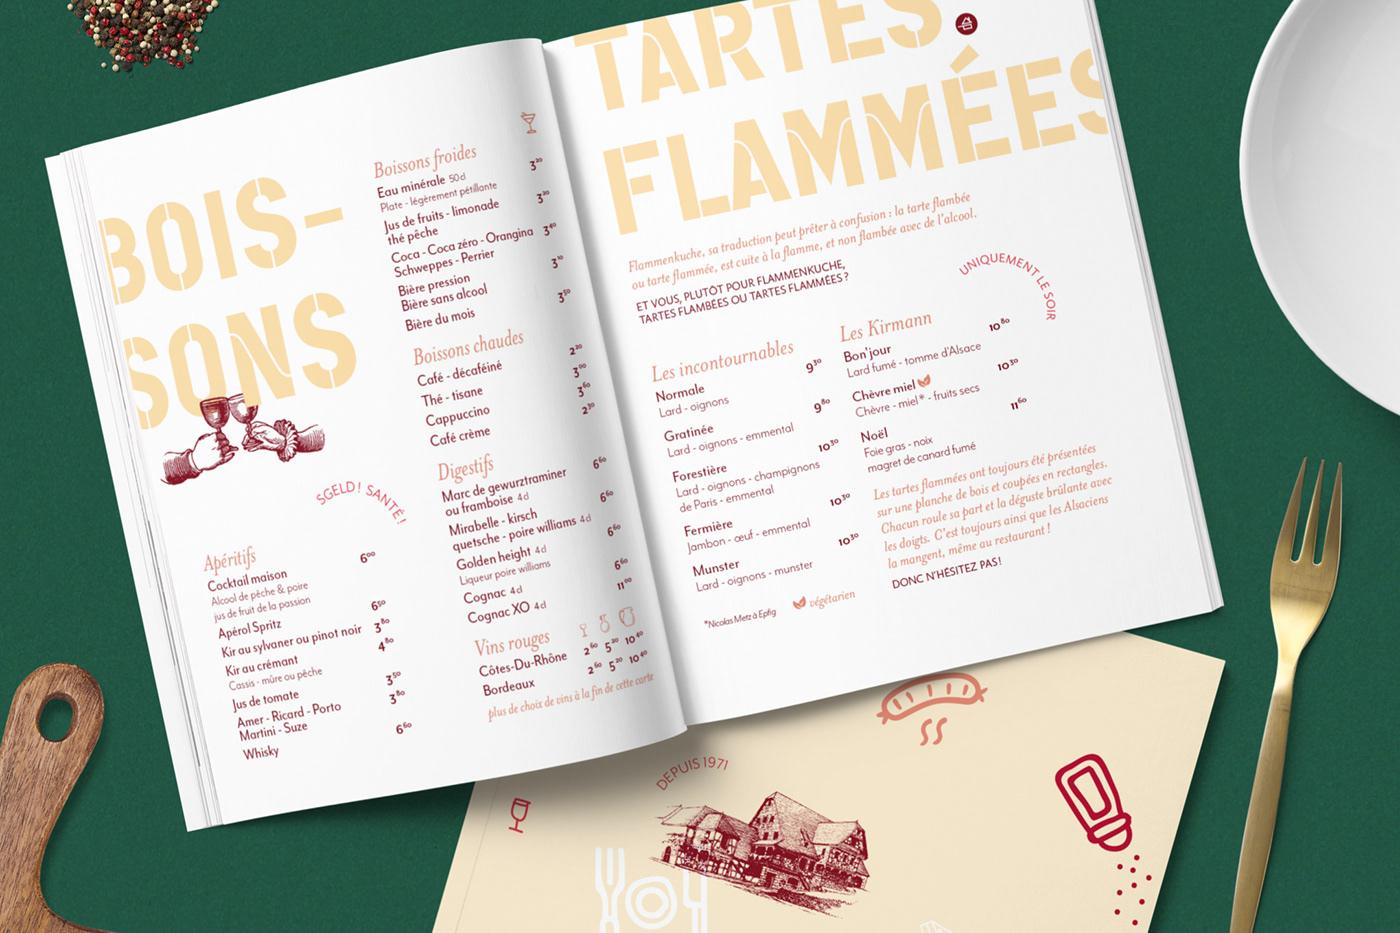 Image may contain: menu